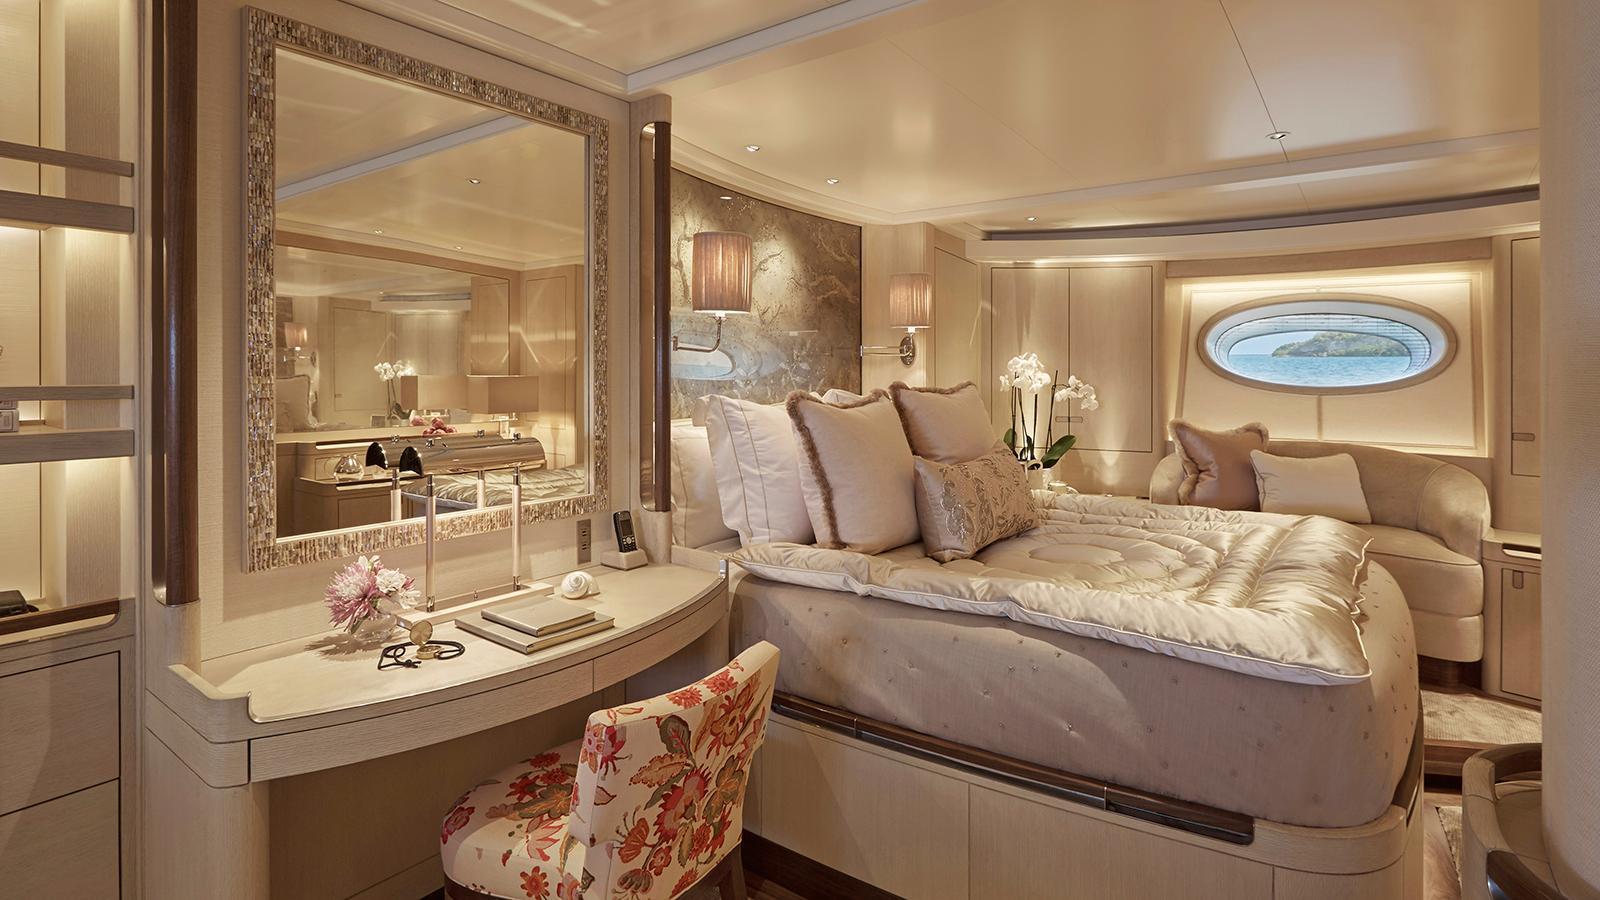 elfje-sailing-yacht-royal-huisman-2014-52m-cabin